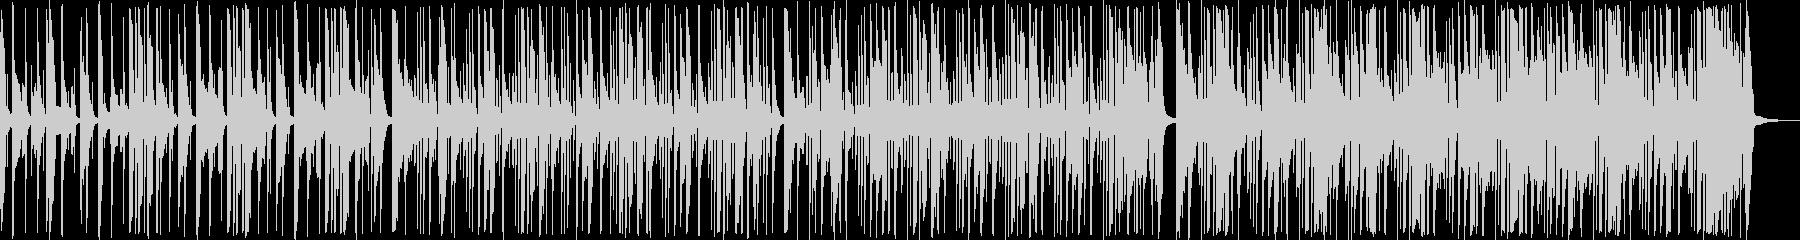 エレクトリックベース、クリーンなス...の未再生の波形